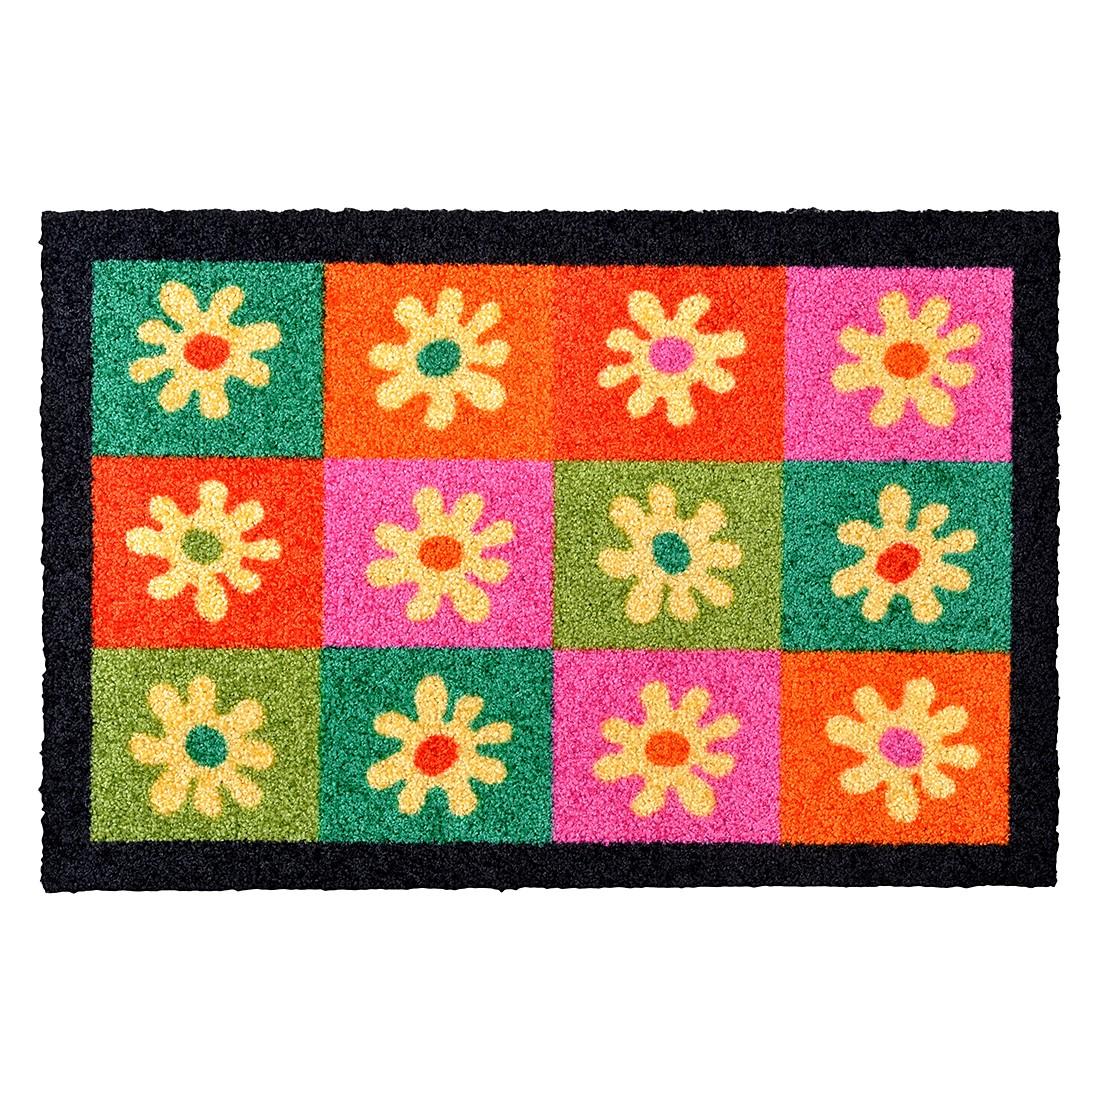 Fußmatte Twisty Flower IV – Mehrfarbig – 40 x 60 cm, Hanse Home Collection kaufen